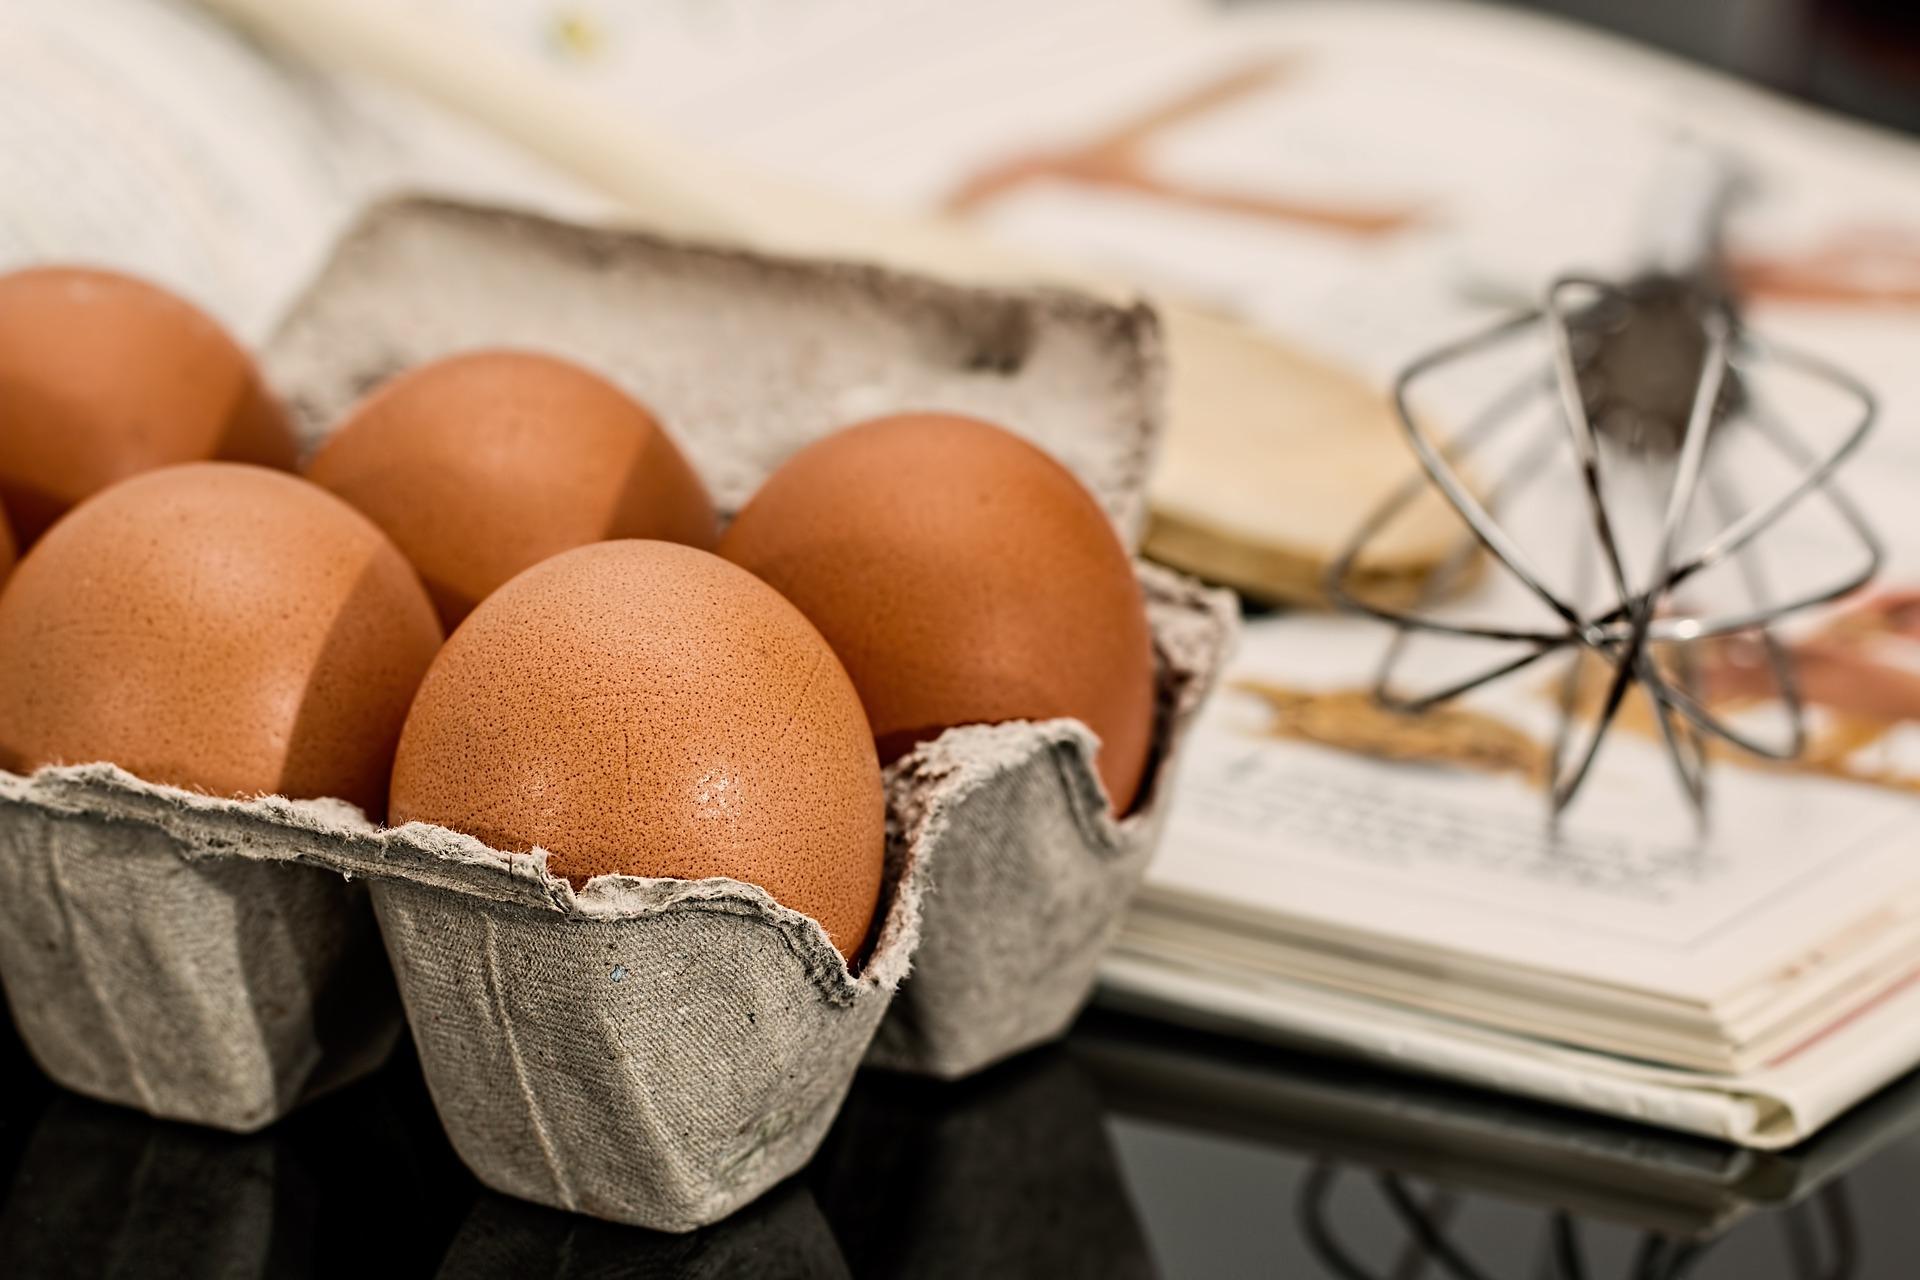 egg-944495_1920 (1).jpg